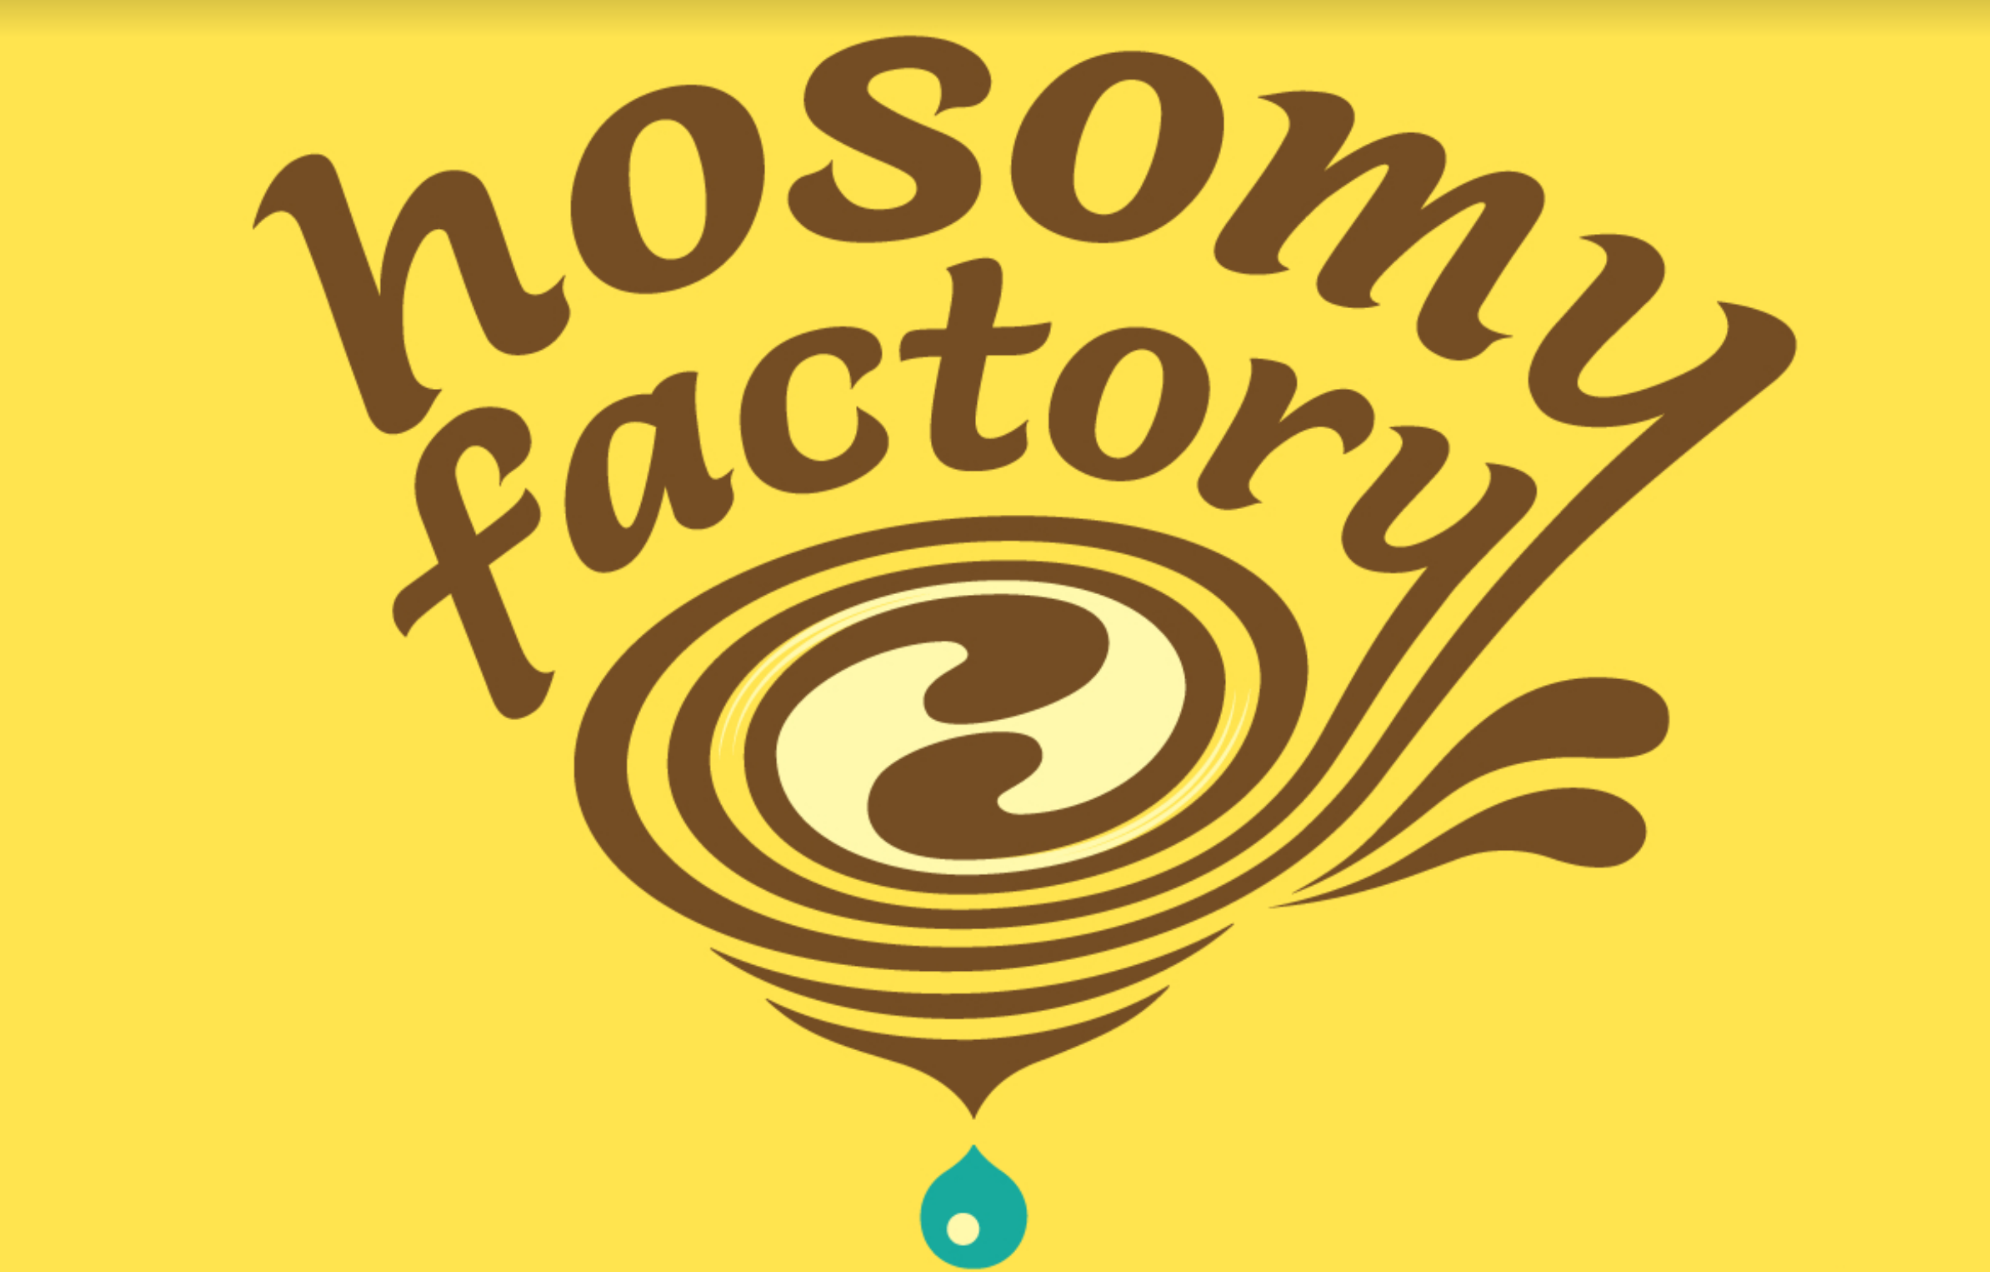 ホソミーファクトリー